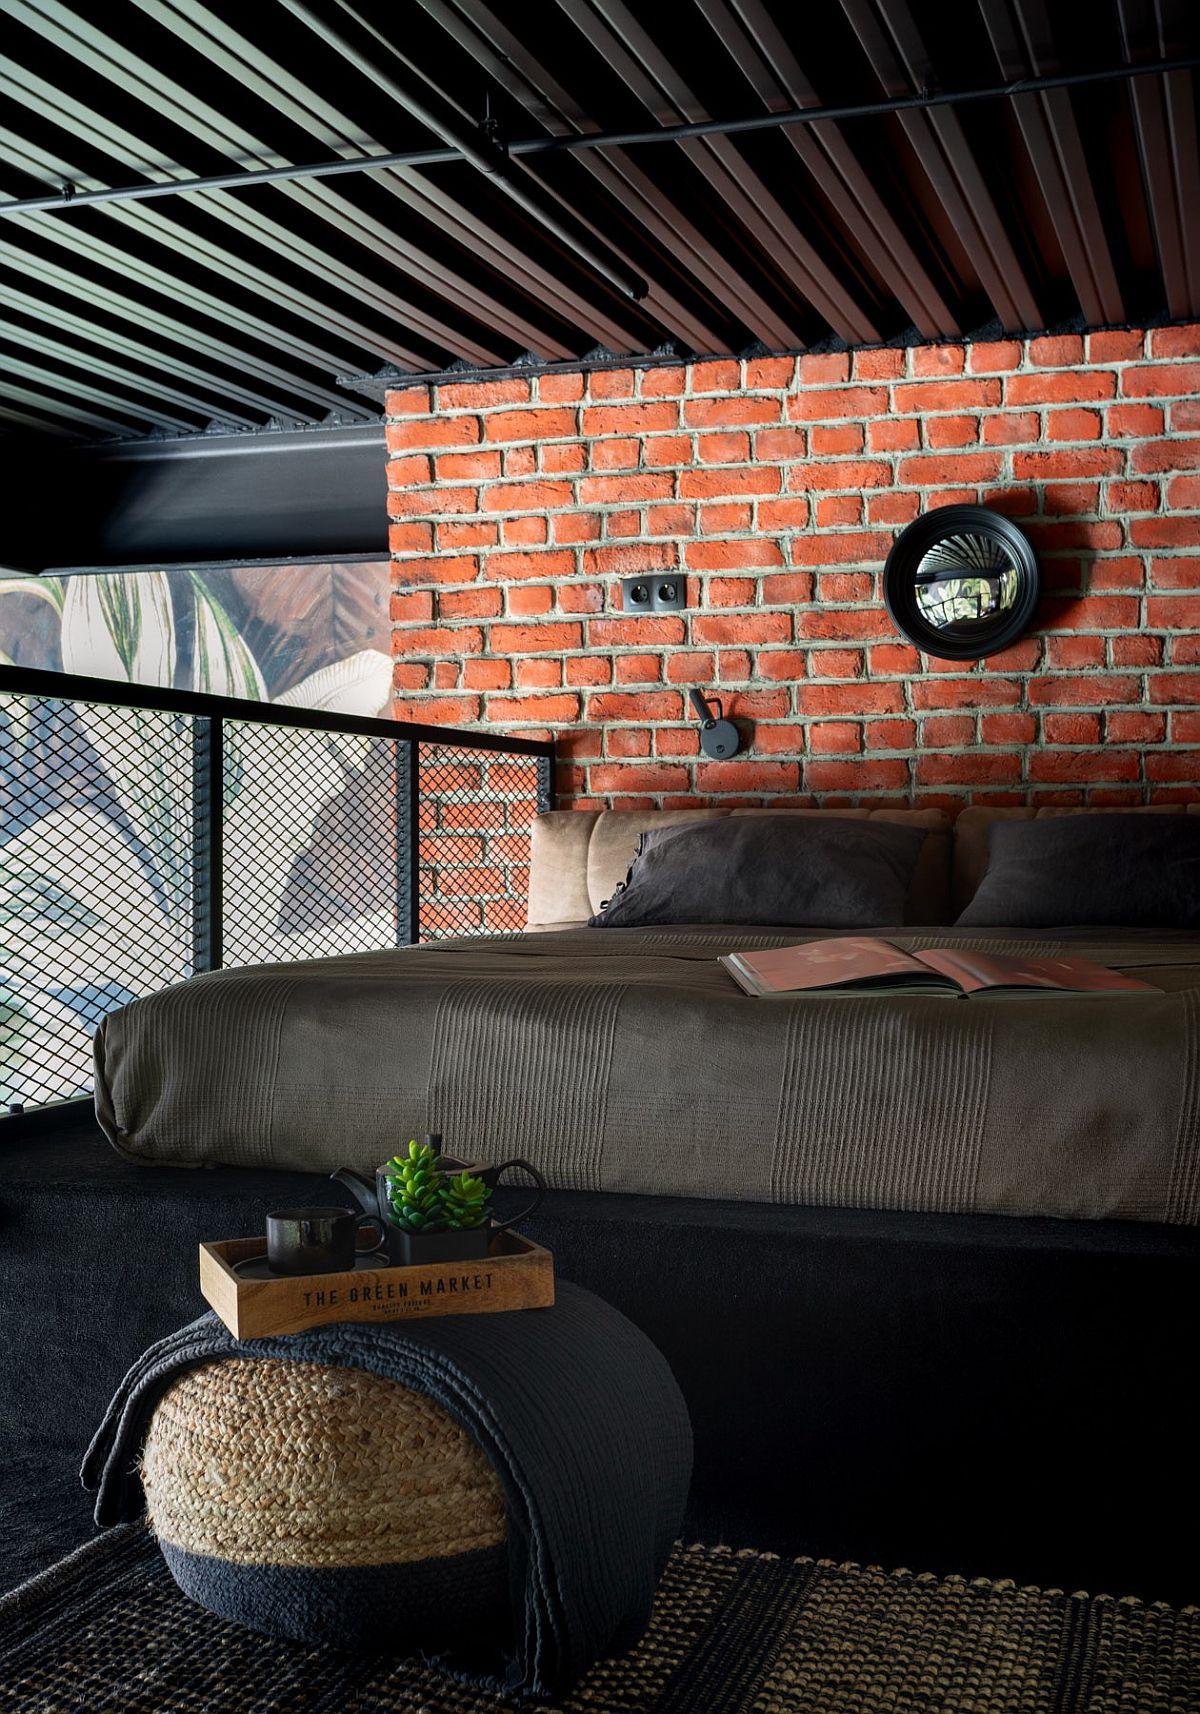 Tường gạch và lưới kim loại thông minh mang lại sự tương phản kết cấu phong phú cho phòng ngủ công nghiệp nhỏ này